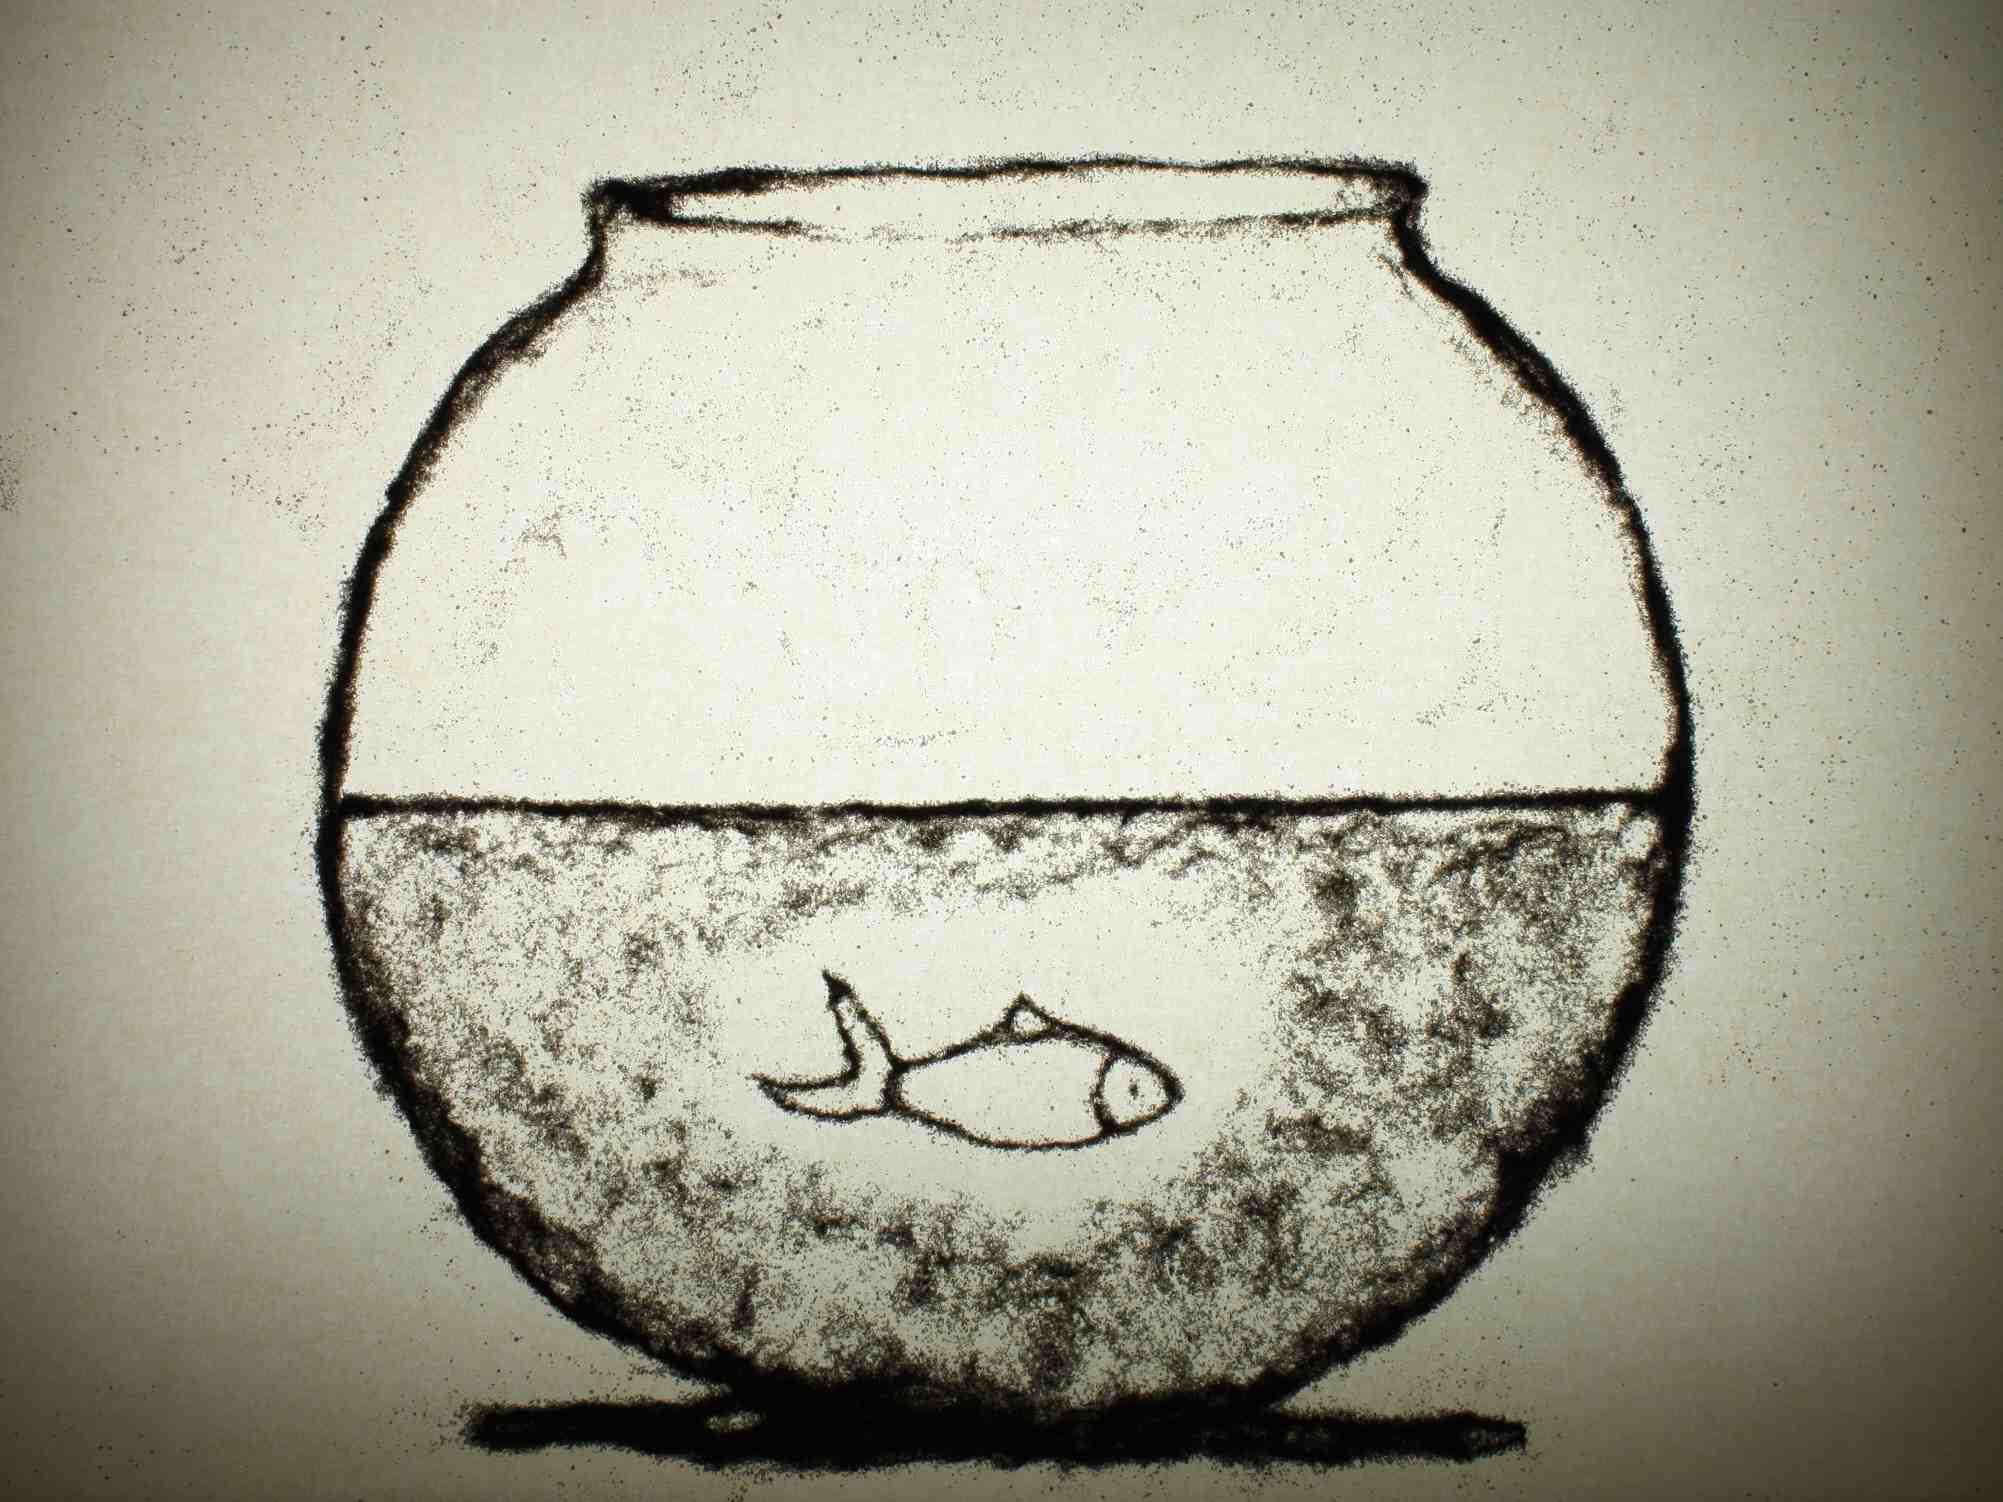 4372_HH_still_fishbowl_web.jpg